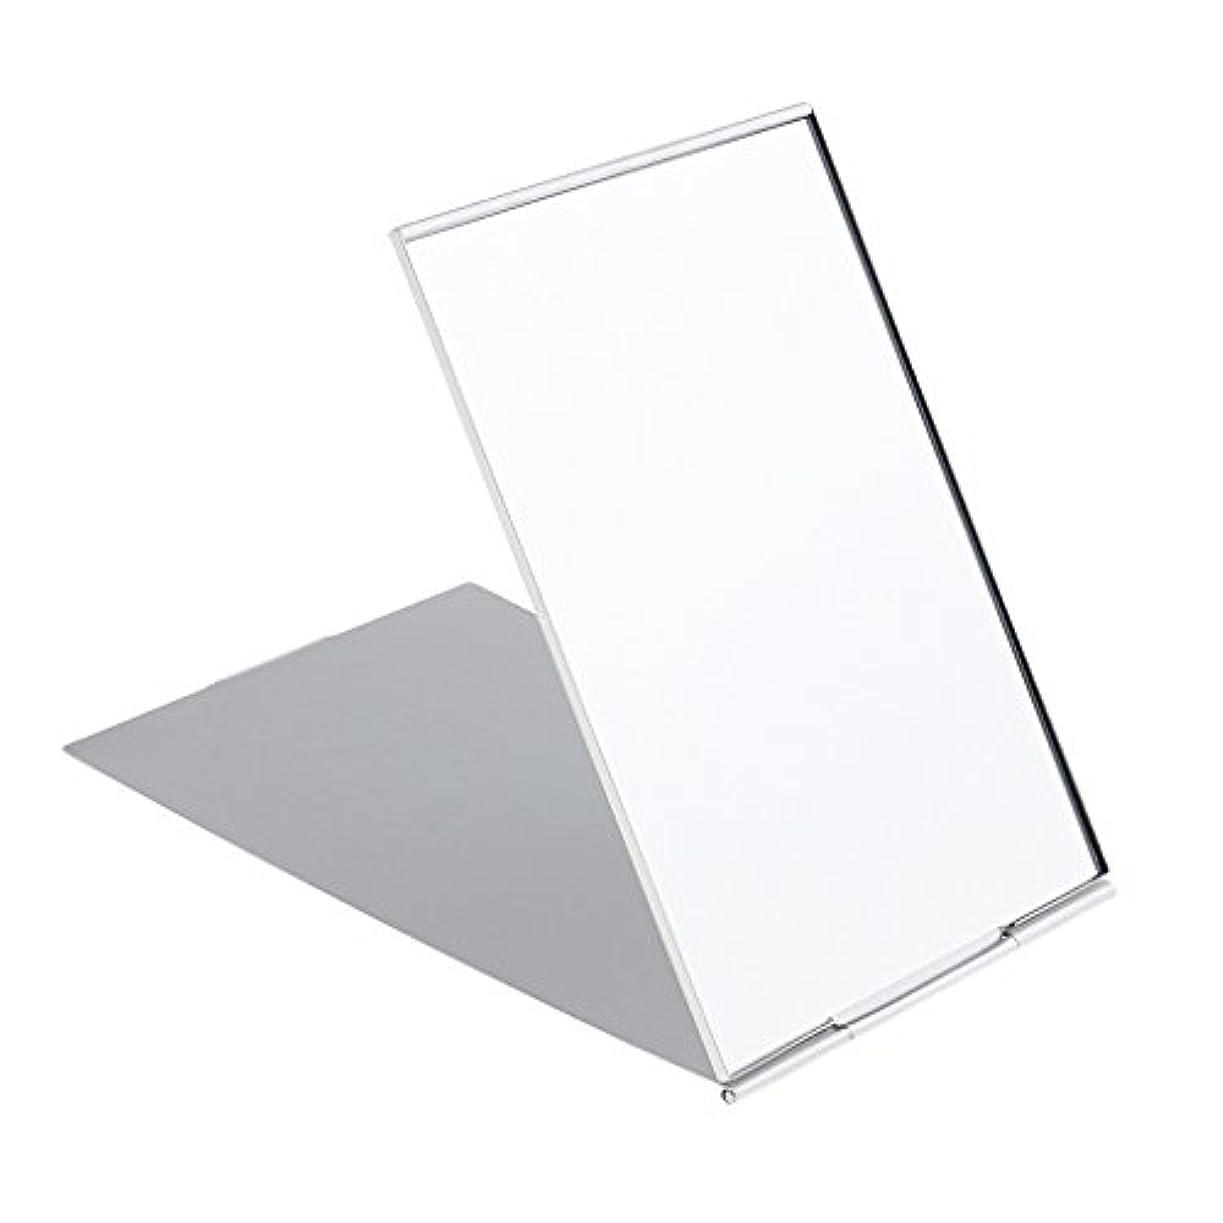 フリース仲良しウェーハ化粧鏡 スタンド 卓上 メイクアップミラー 折り畳み式 卓上ミラー 全3サイズ - #1